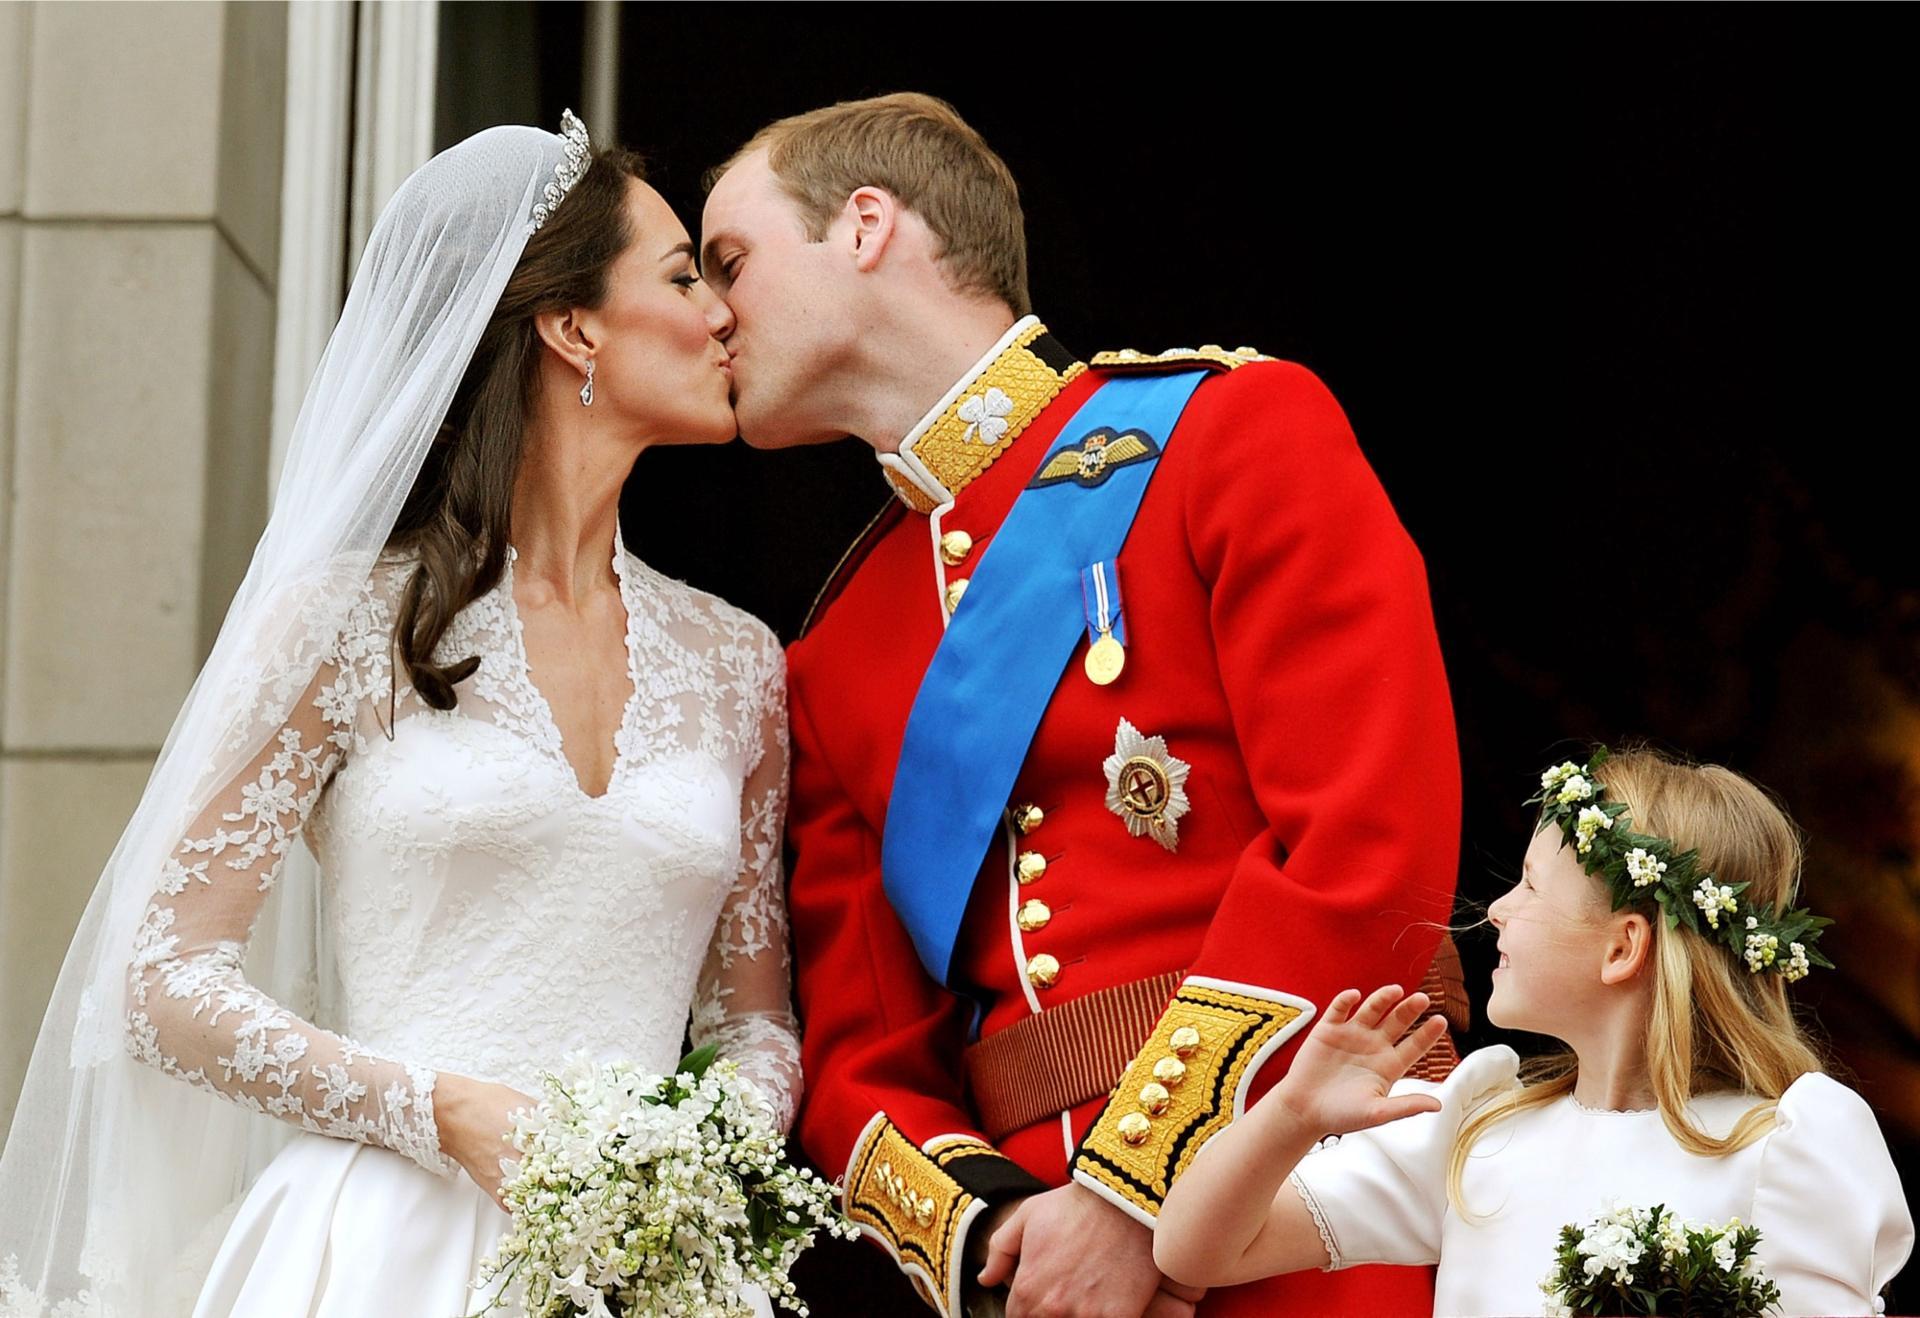 Anniversario Matrimonio Kate E William.Kate Middleton E Il Principe William Festeggiano 9 Anni Di